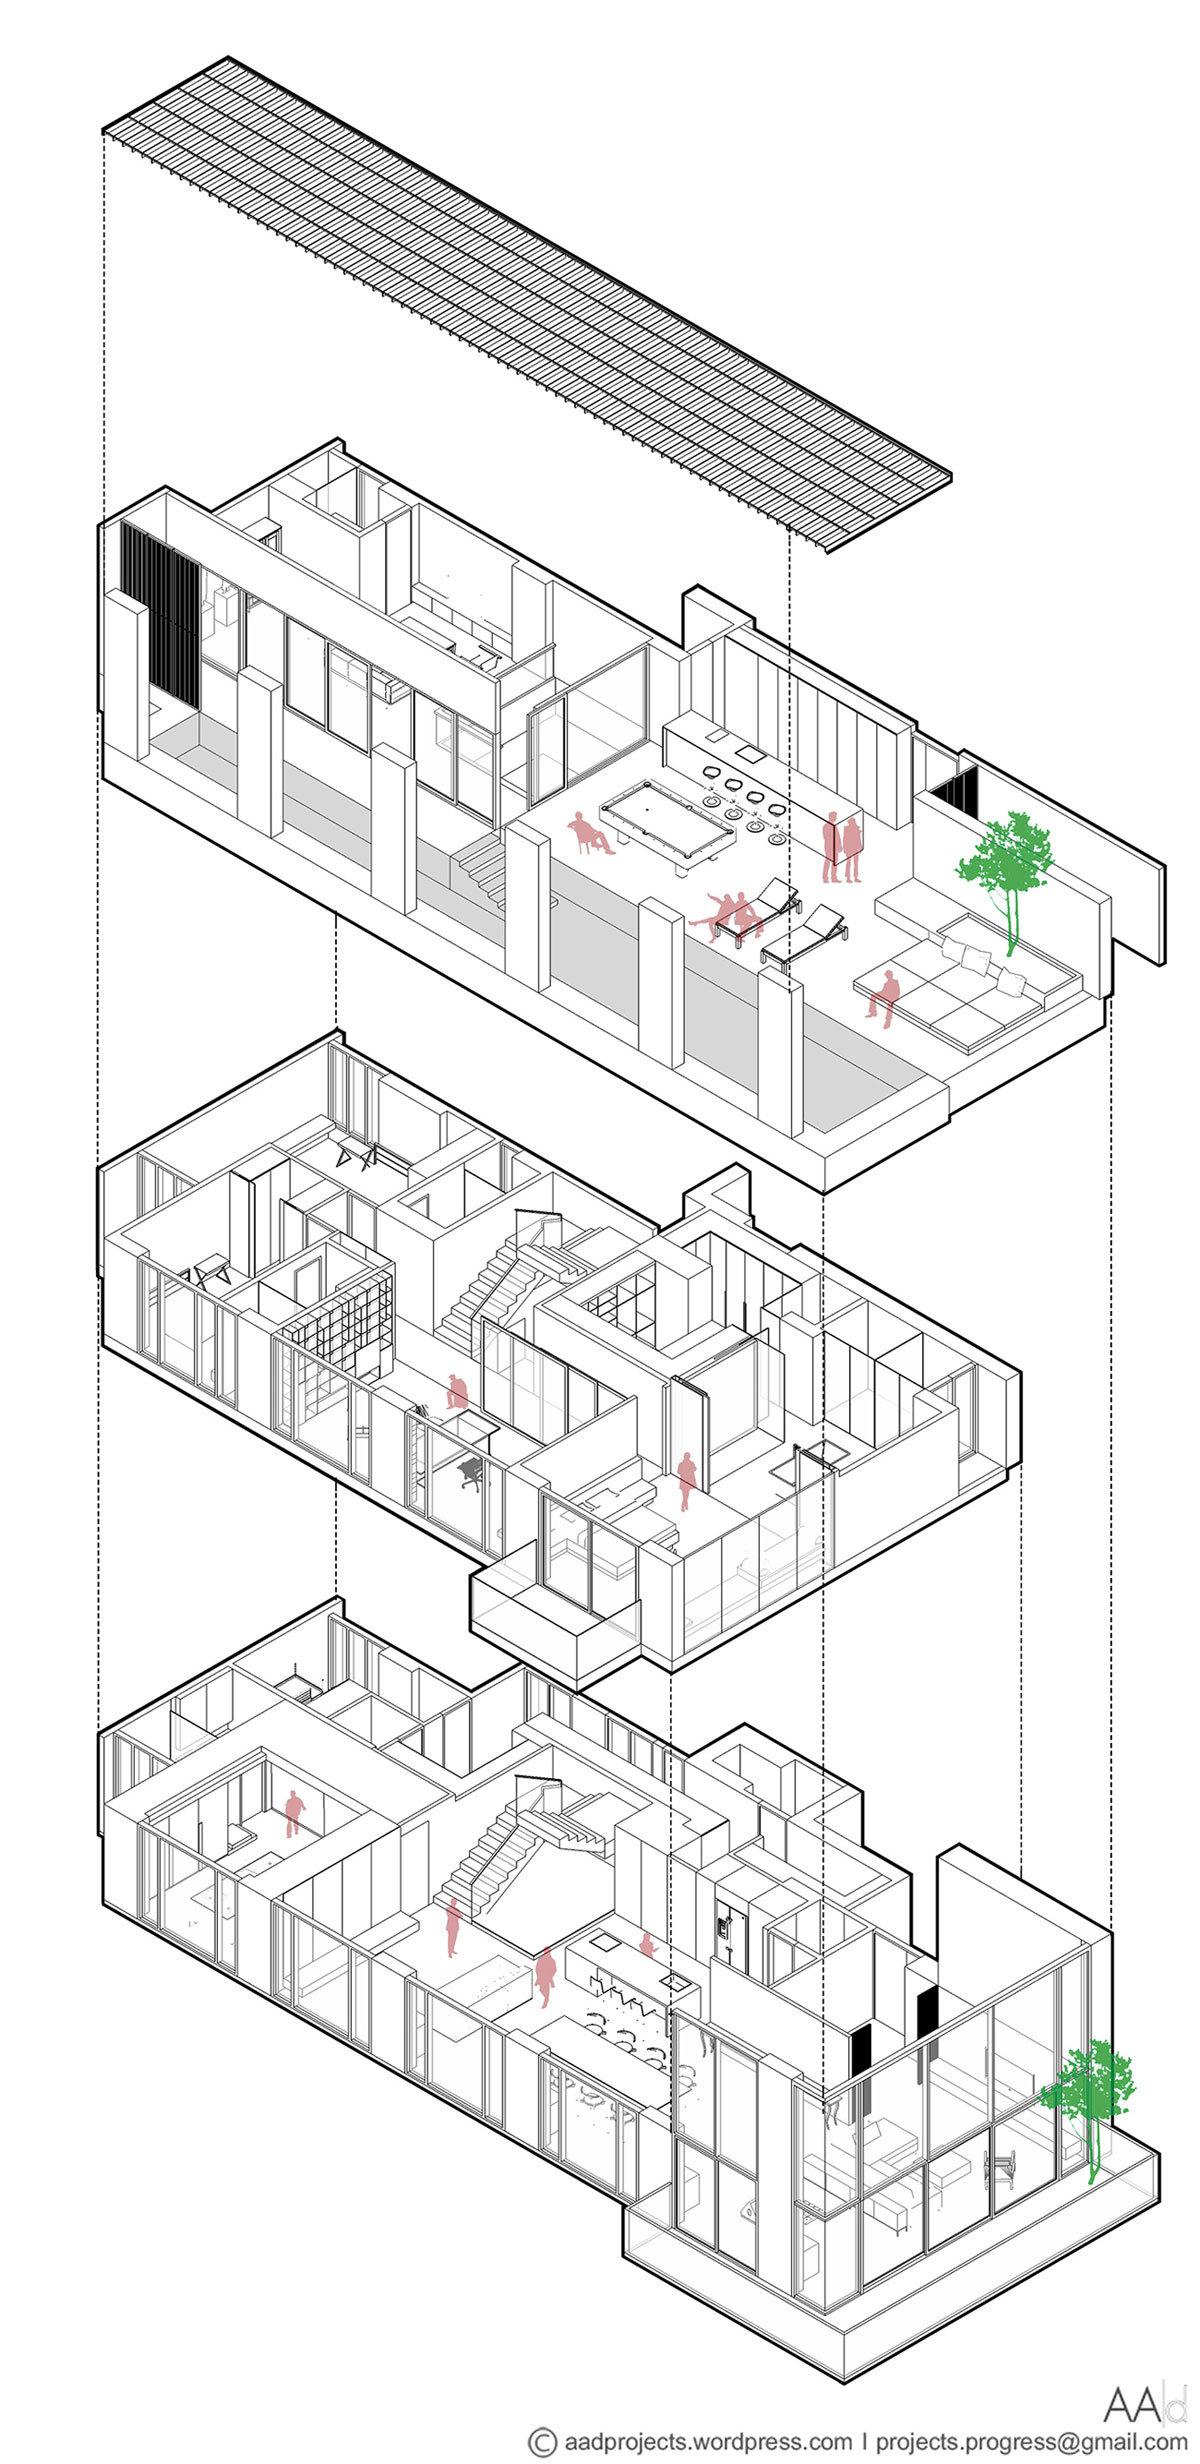 Дизайн-ателье AAd, пентхаус в Бангкоке, план квартиры, схема квартиры, PANO, пенхтаус с видом на город, трехэтажный пентхаус, бассейн в квартире